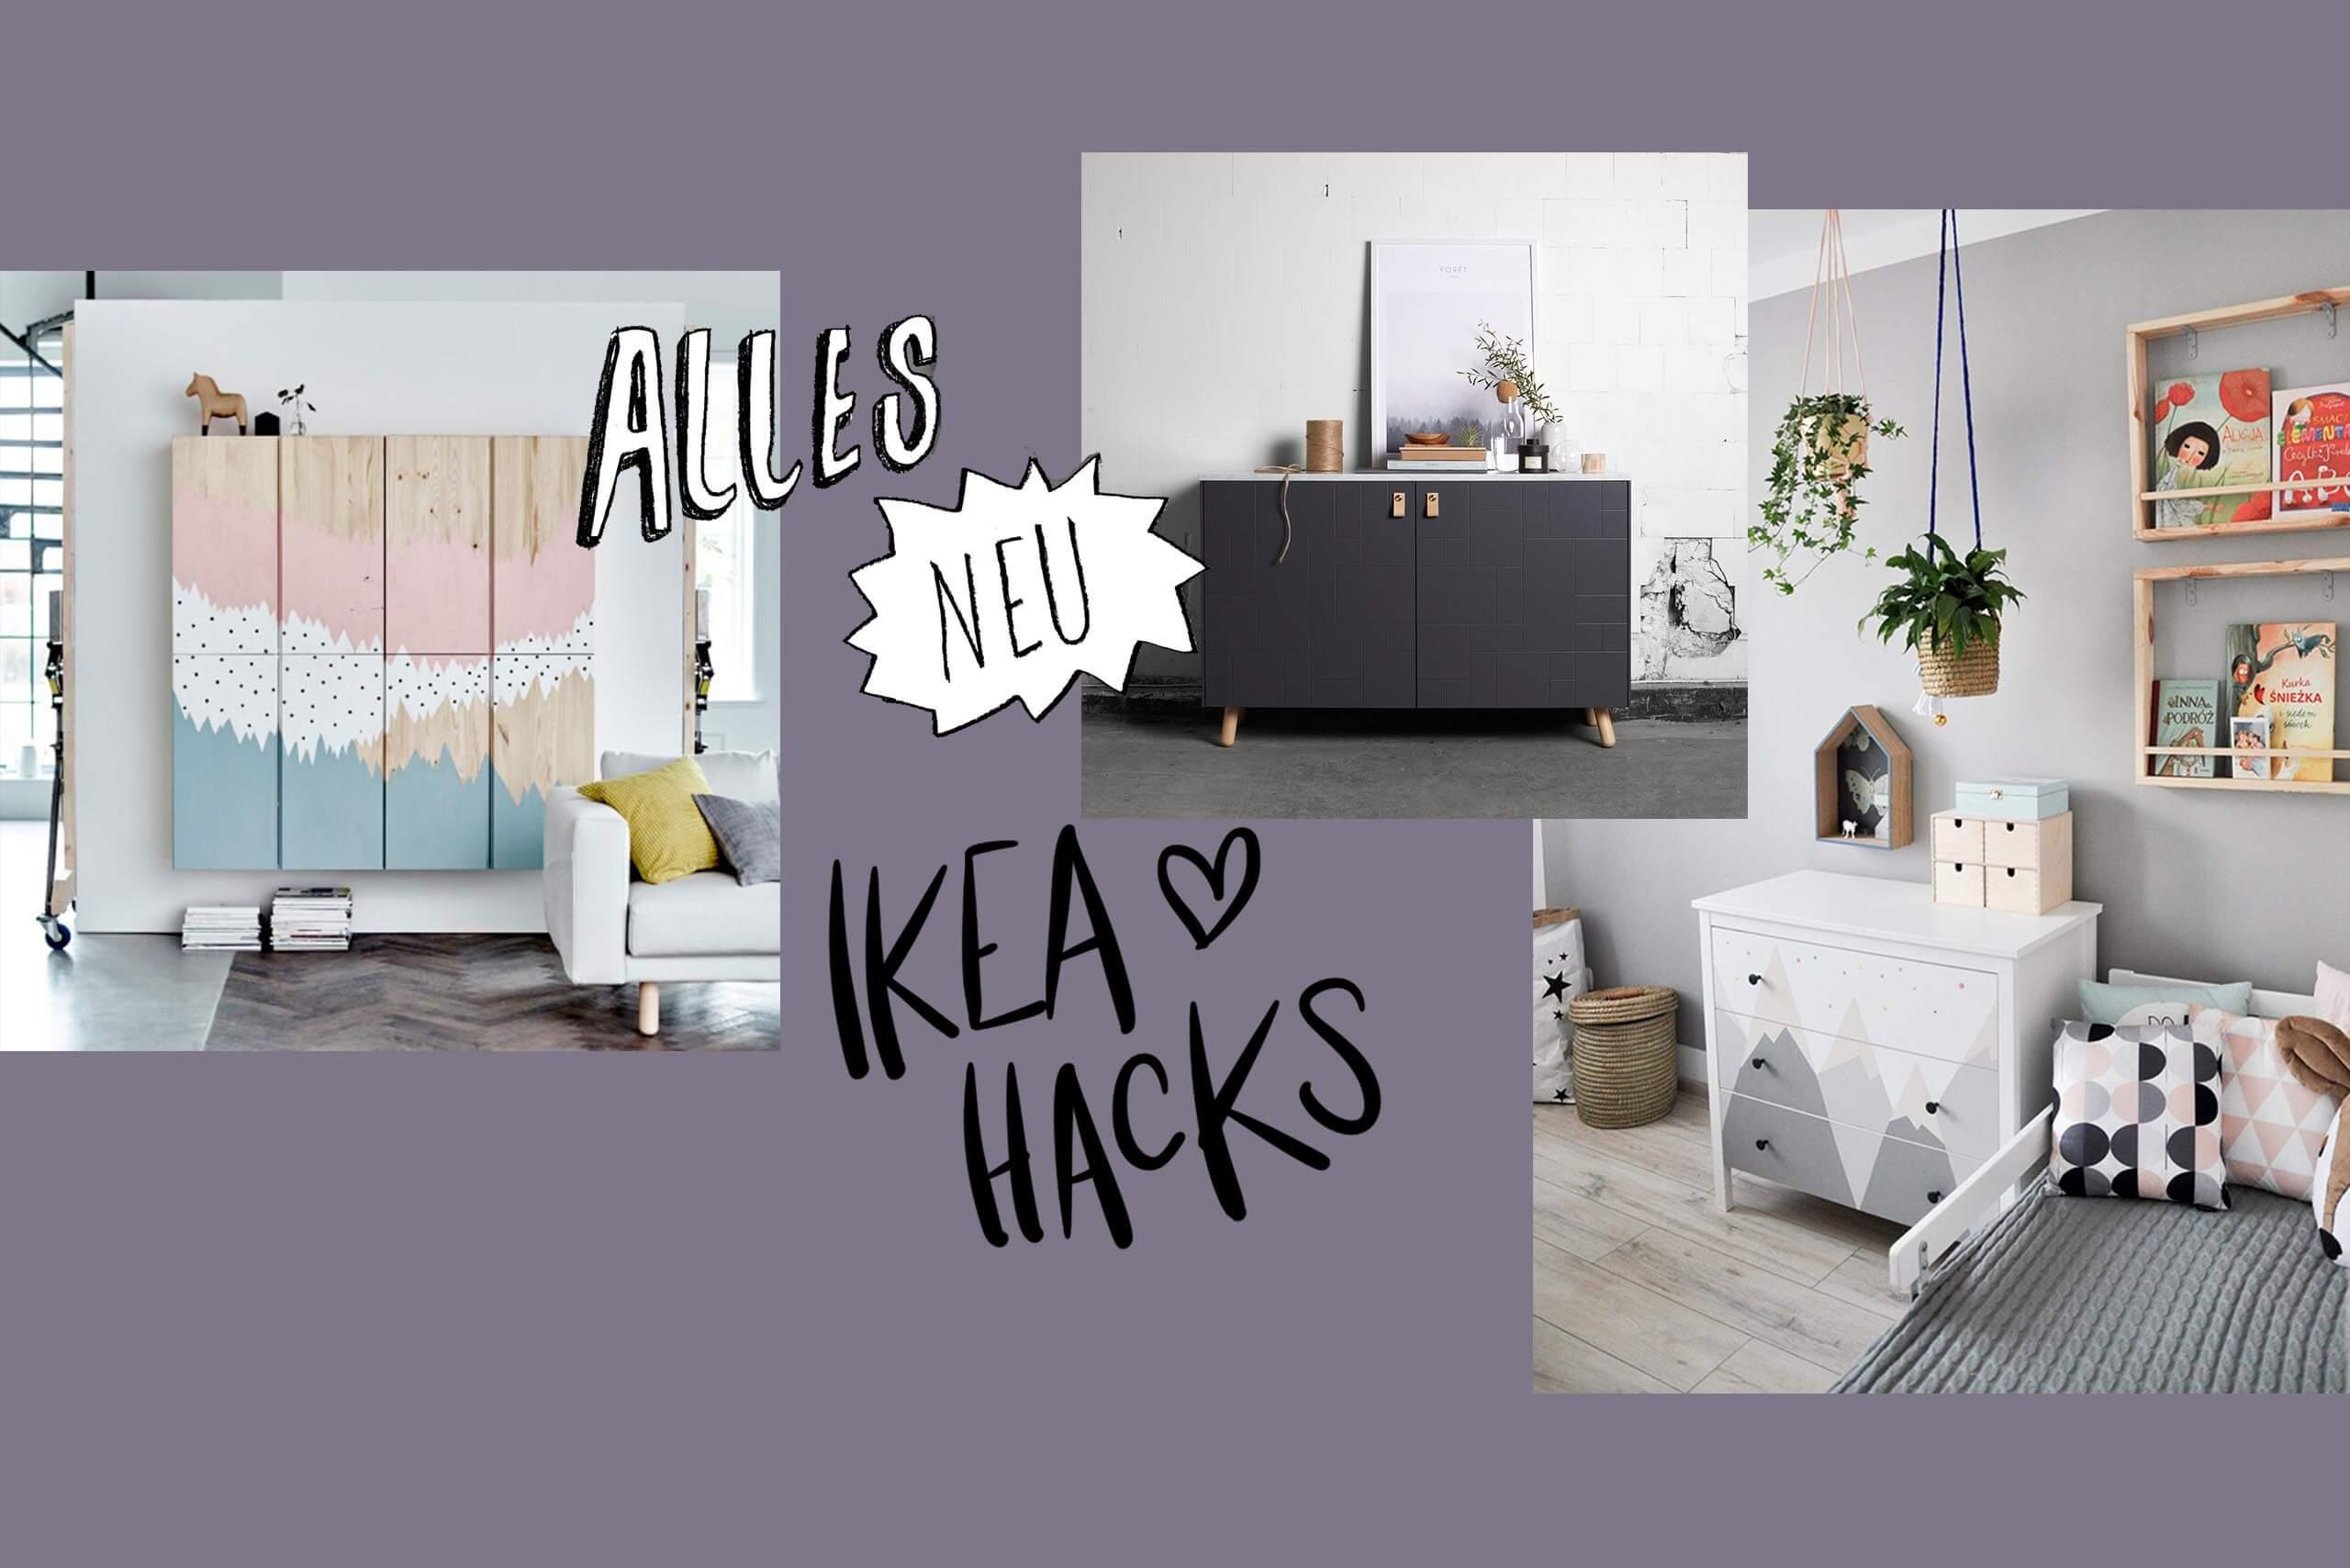 Full Size of Ikea Hacks Küche Update 11 Besten Im Netz Newniq Interior Blog Armatur Kosten Lüftung Küchen Regal Einbauküche Selber Bauen Holz Weiß Möbelgriffe Wohnzimmer Ikea Hacks Küche